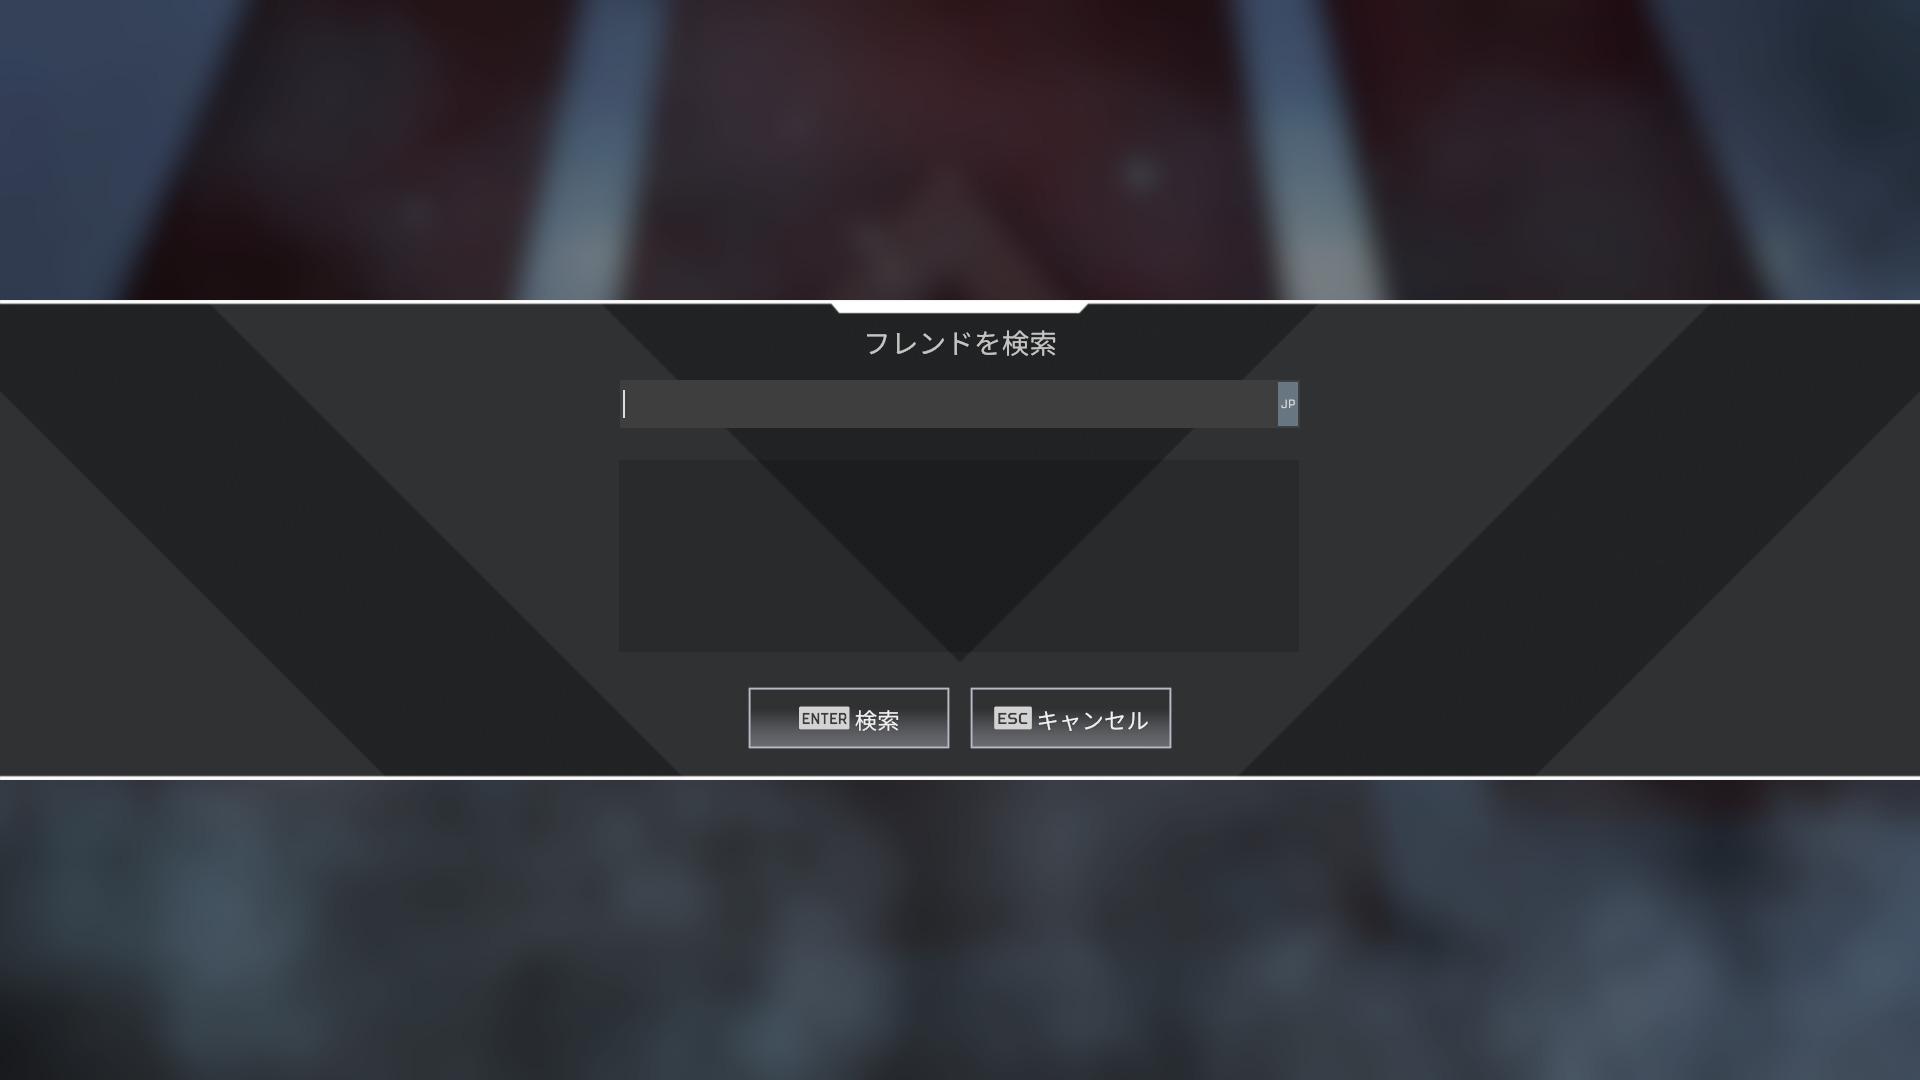 【Apex Legends】PC×PS4 フレンド申請・フレンド追加のやり方を解説!【エーペックス】【クロスプレイ】